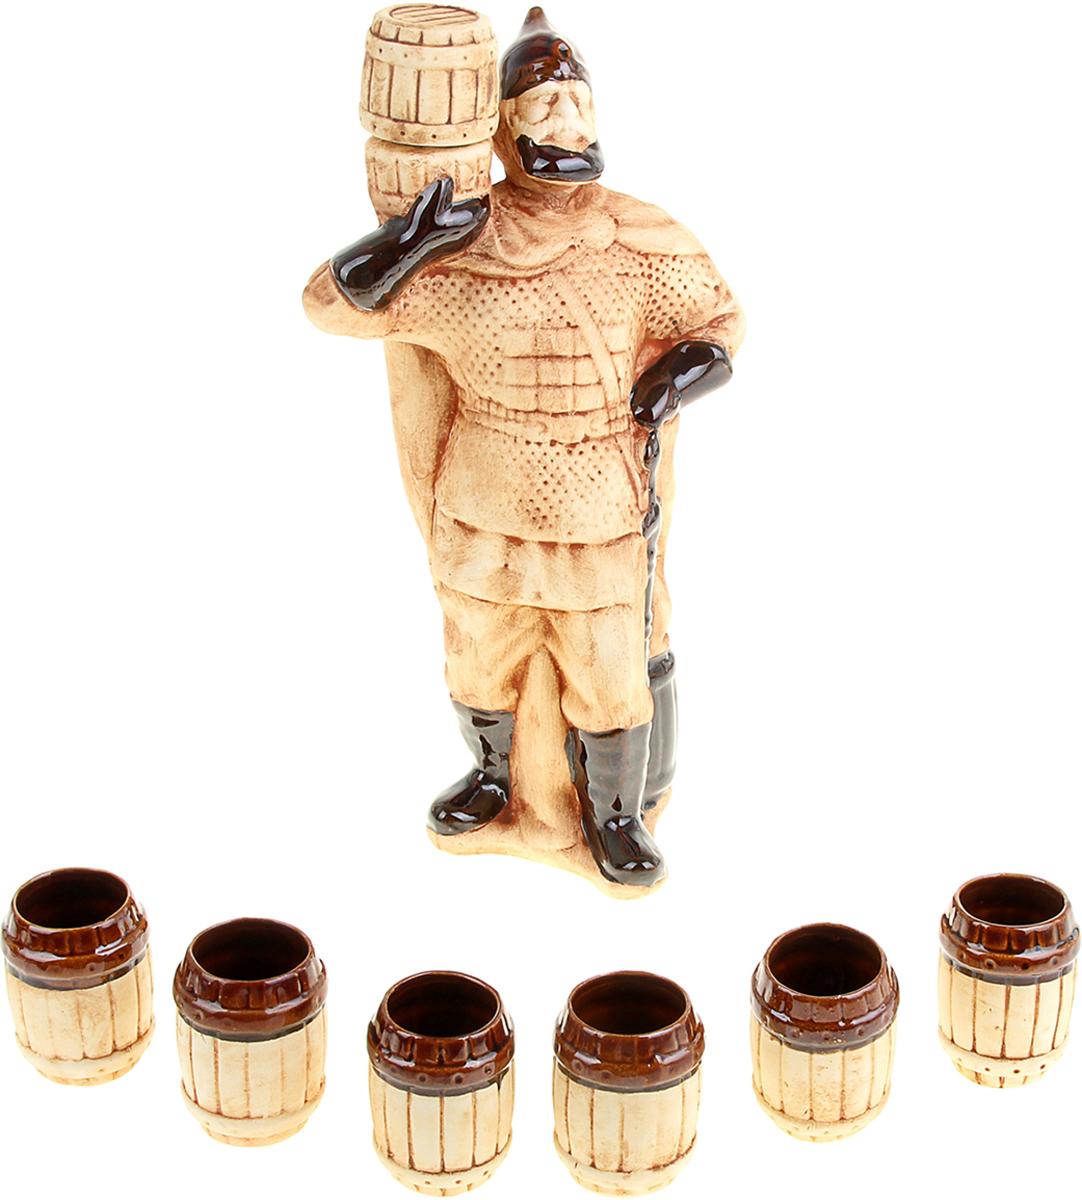 Набор винный Керамика ручной работы Богатырь, 7 предметов. 10071681007168Штоф - это сосуд для крепких спиртных напитков. Он предназначен для хранения вина, водки,коньяка и настойки. К нему прилагаются оригинальные рюмки соответствующей тематики. Набор изготовлен из керамики - прочного материала, способного сохранять температуружидкости до 4 часов, поэтому вы сможете наслаждаться охлажденными напитками даже вовремя долгих застолий. На праздничном ужине такая подача алкоголя приятно удивит ваших гостей. Кроме того, наборстанет отличным подарком для ценителей качественных спиртных напитков.